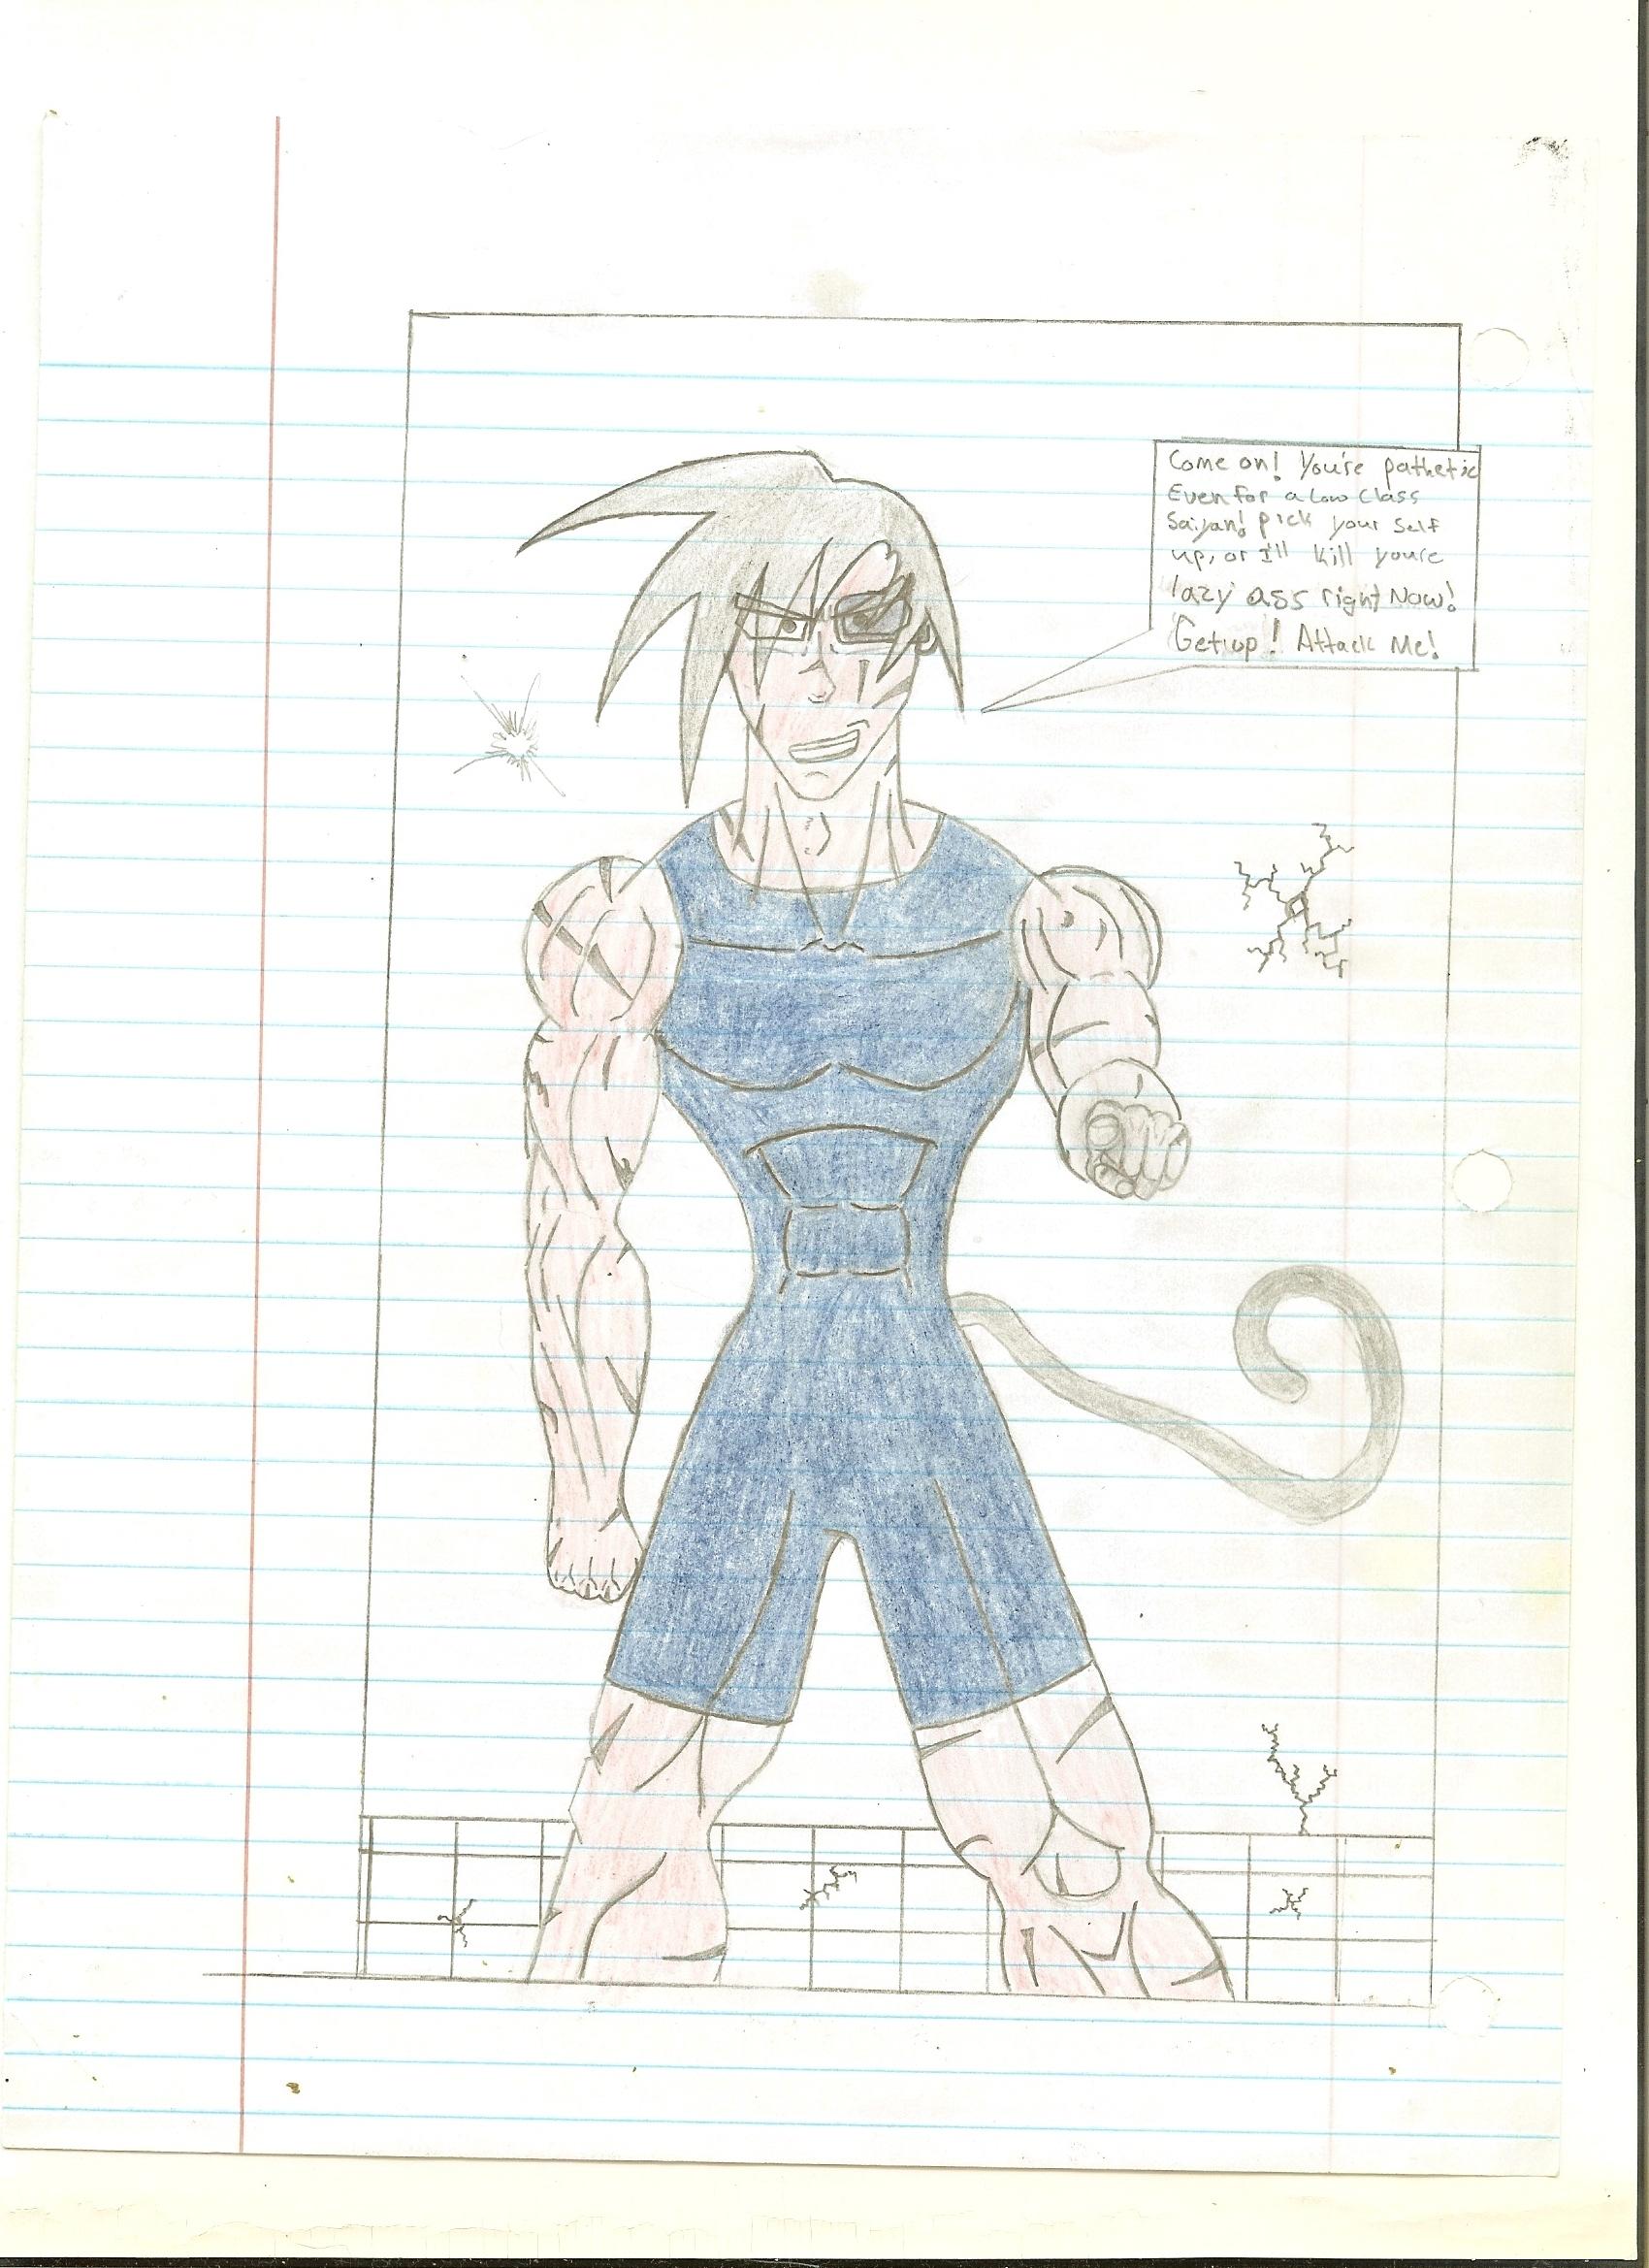 Fan DBZ Comic Page 4 - Genesis